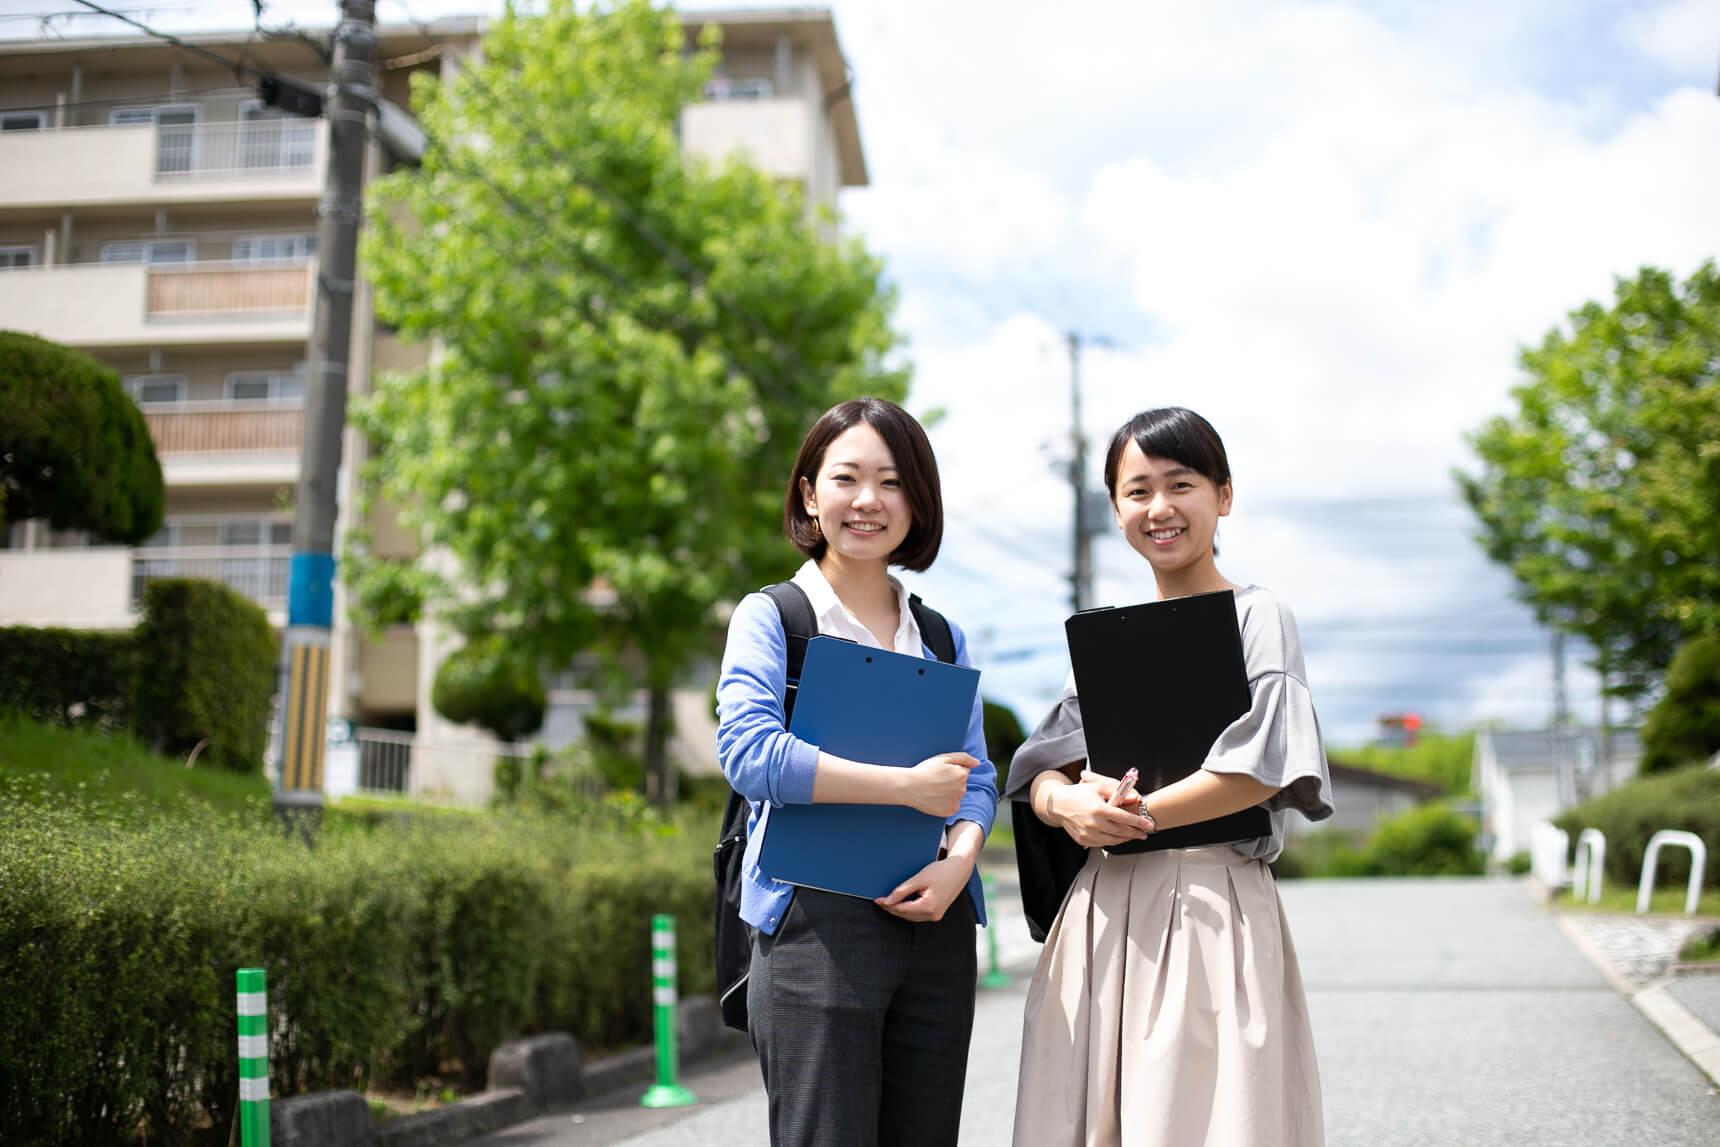 ご案内いただいたのは、UR都市機構の荒木三紗子さん(写真左)と、大澤優海さん(写真右)。